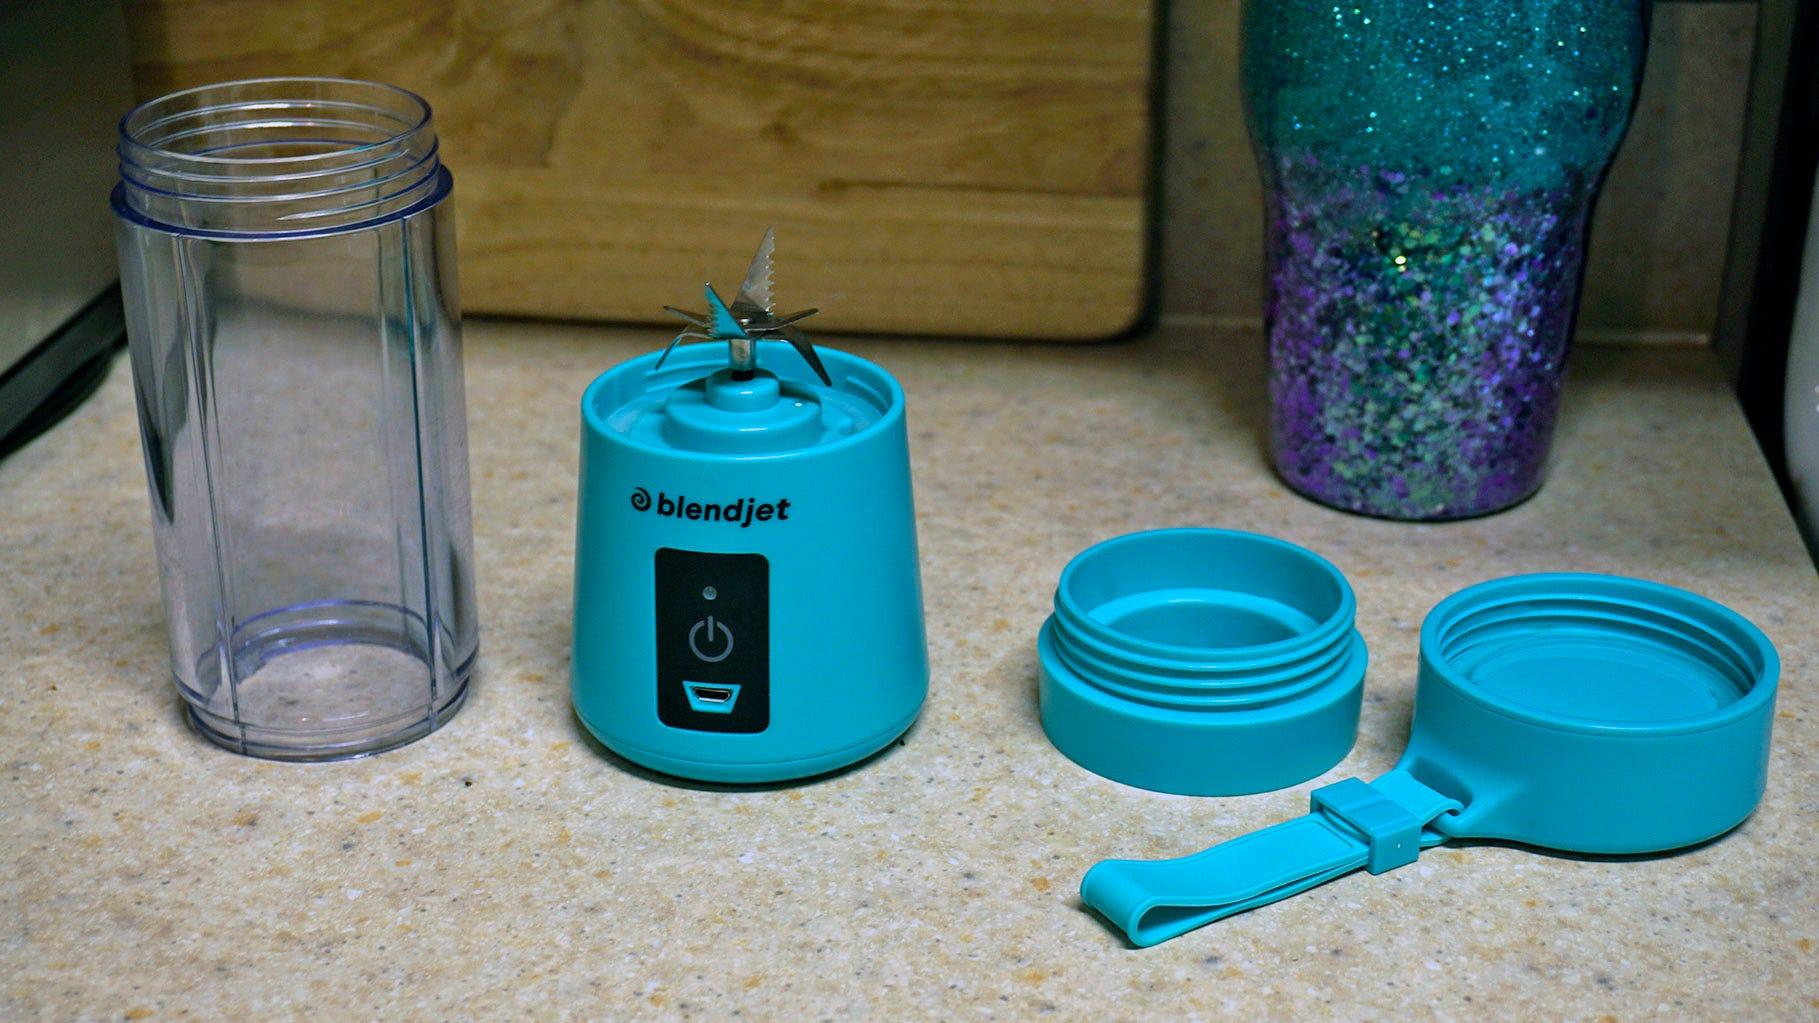 BlendJet One components: motor and blades, cylinder, top, filter.